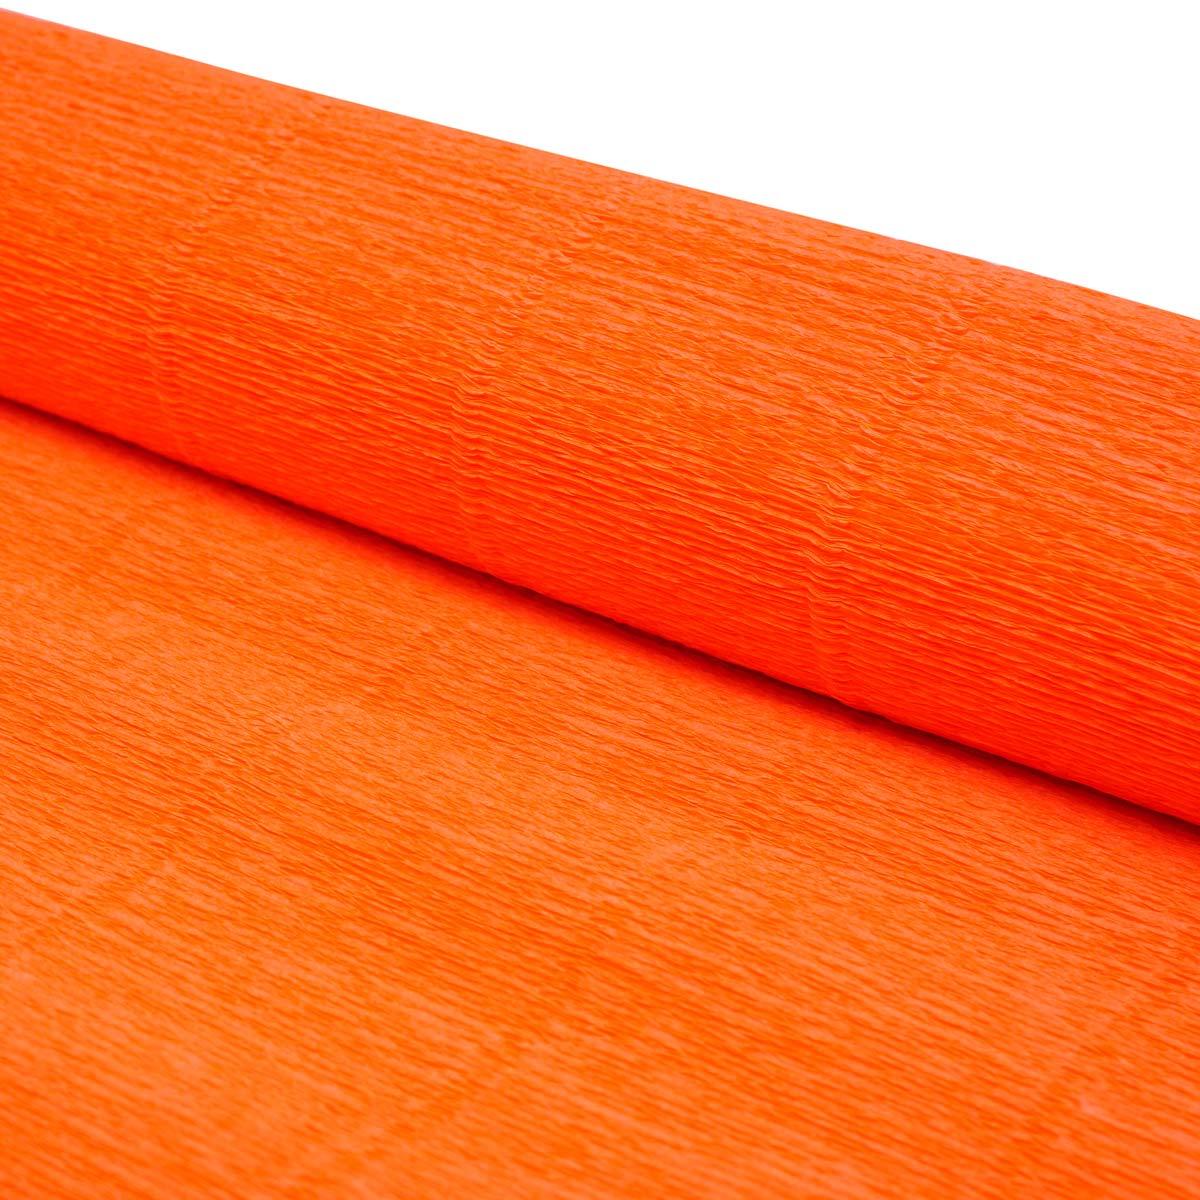 87500357 Бумага гофрированная простая, 180гр 581 оранжевая